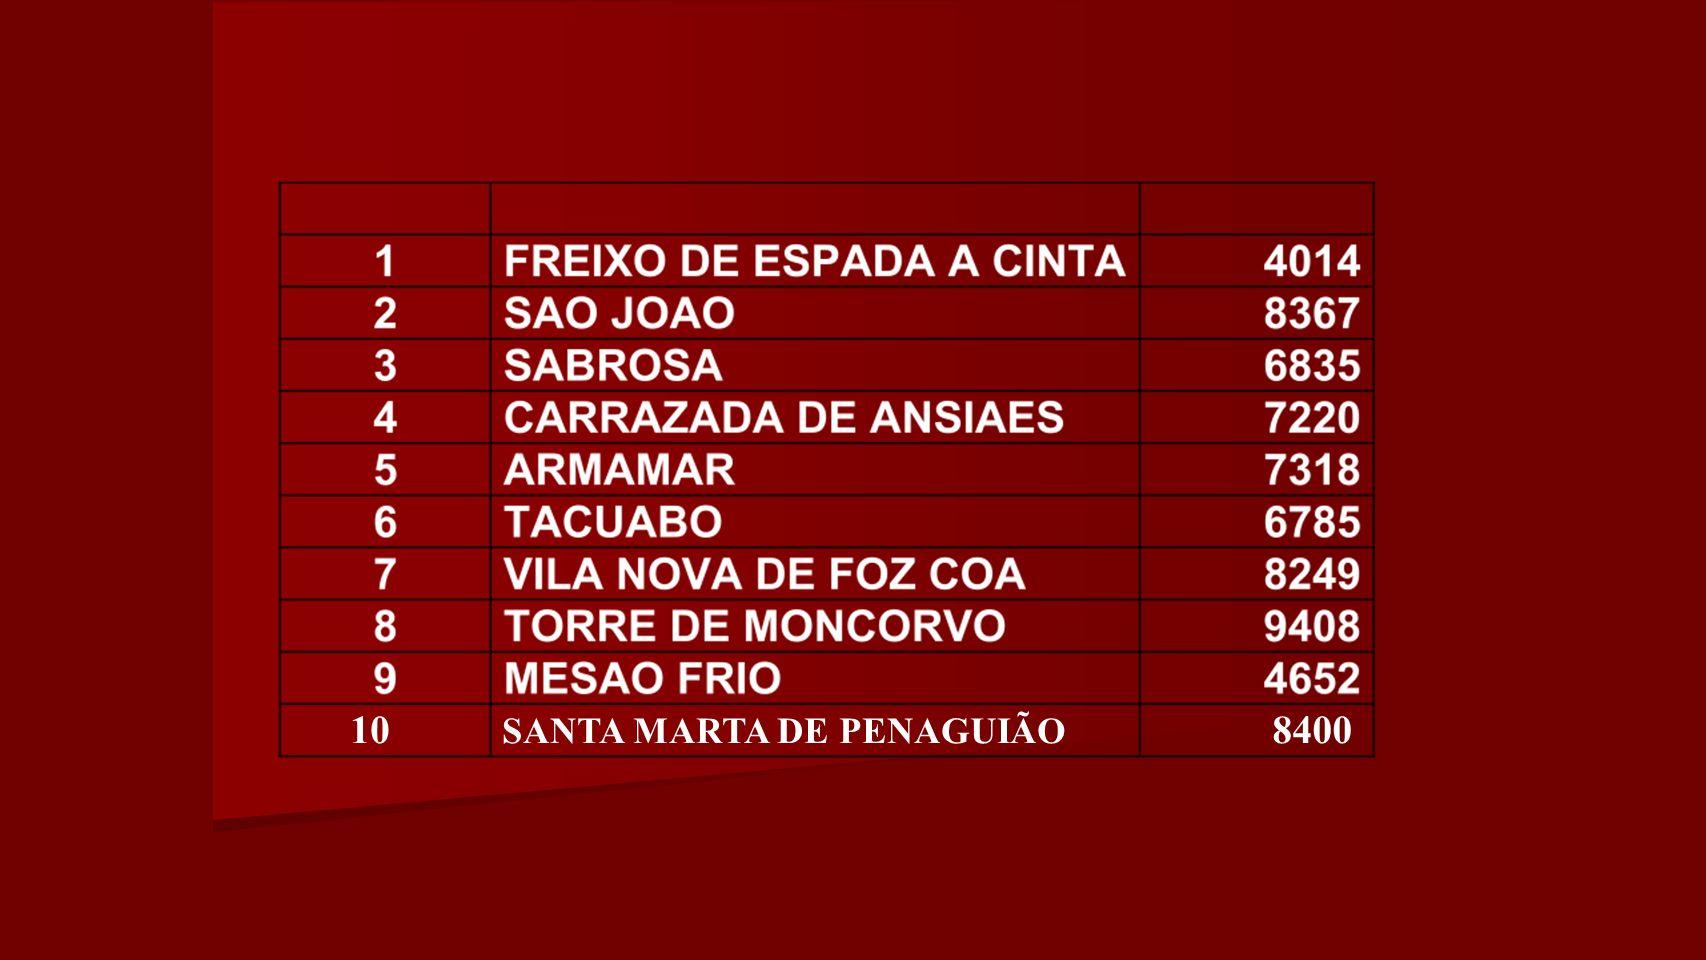 SANTA MARTA DE PENAGUIÃO 108400